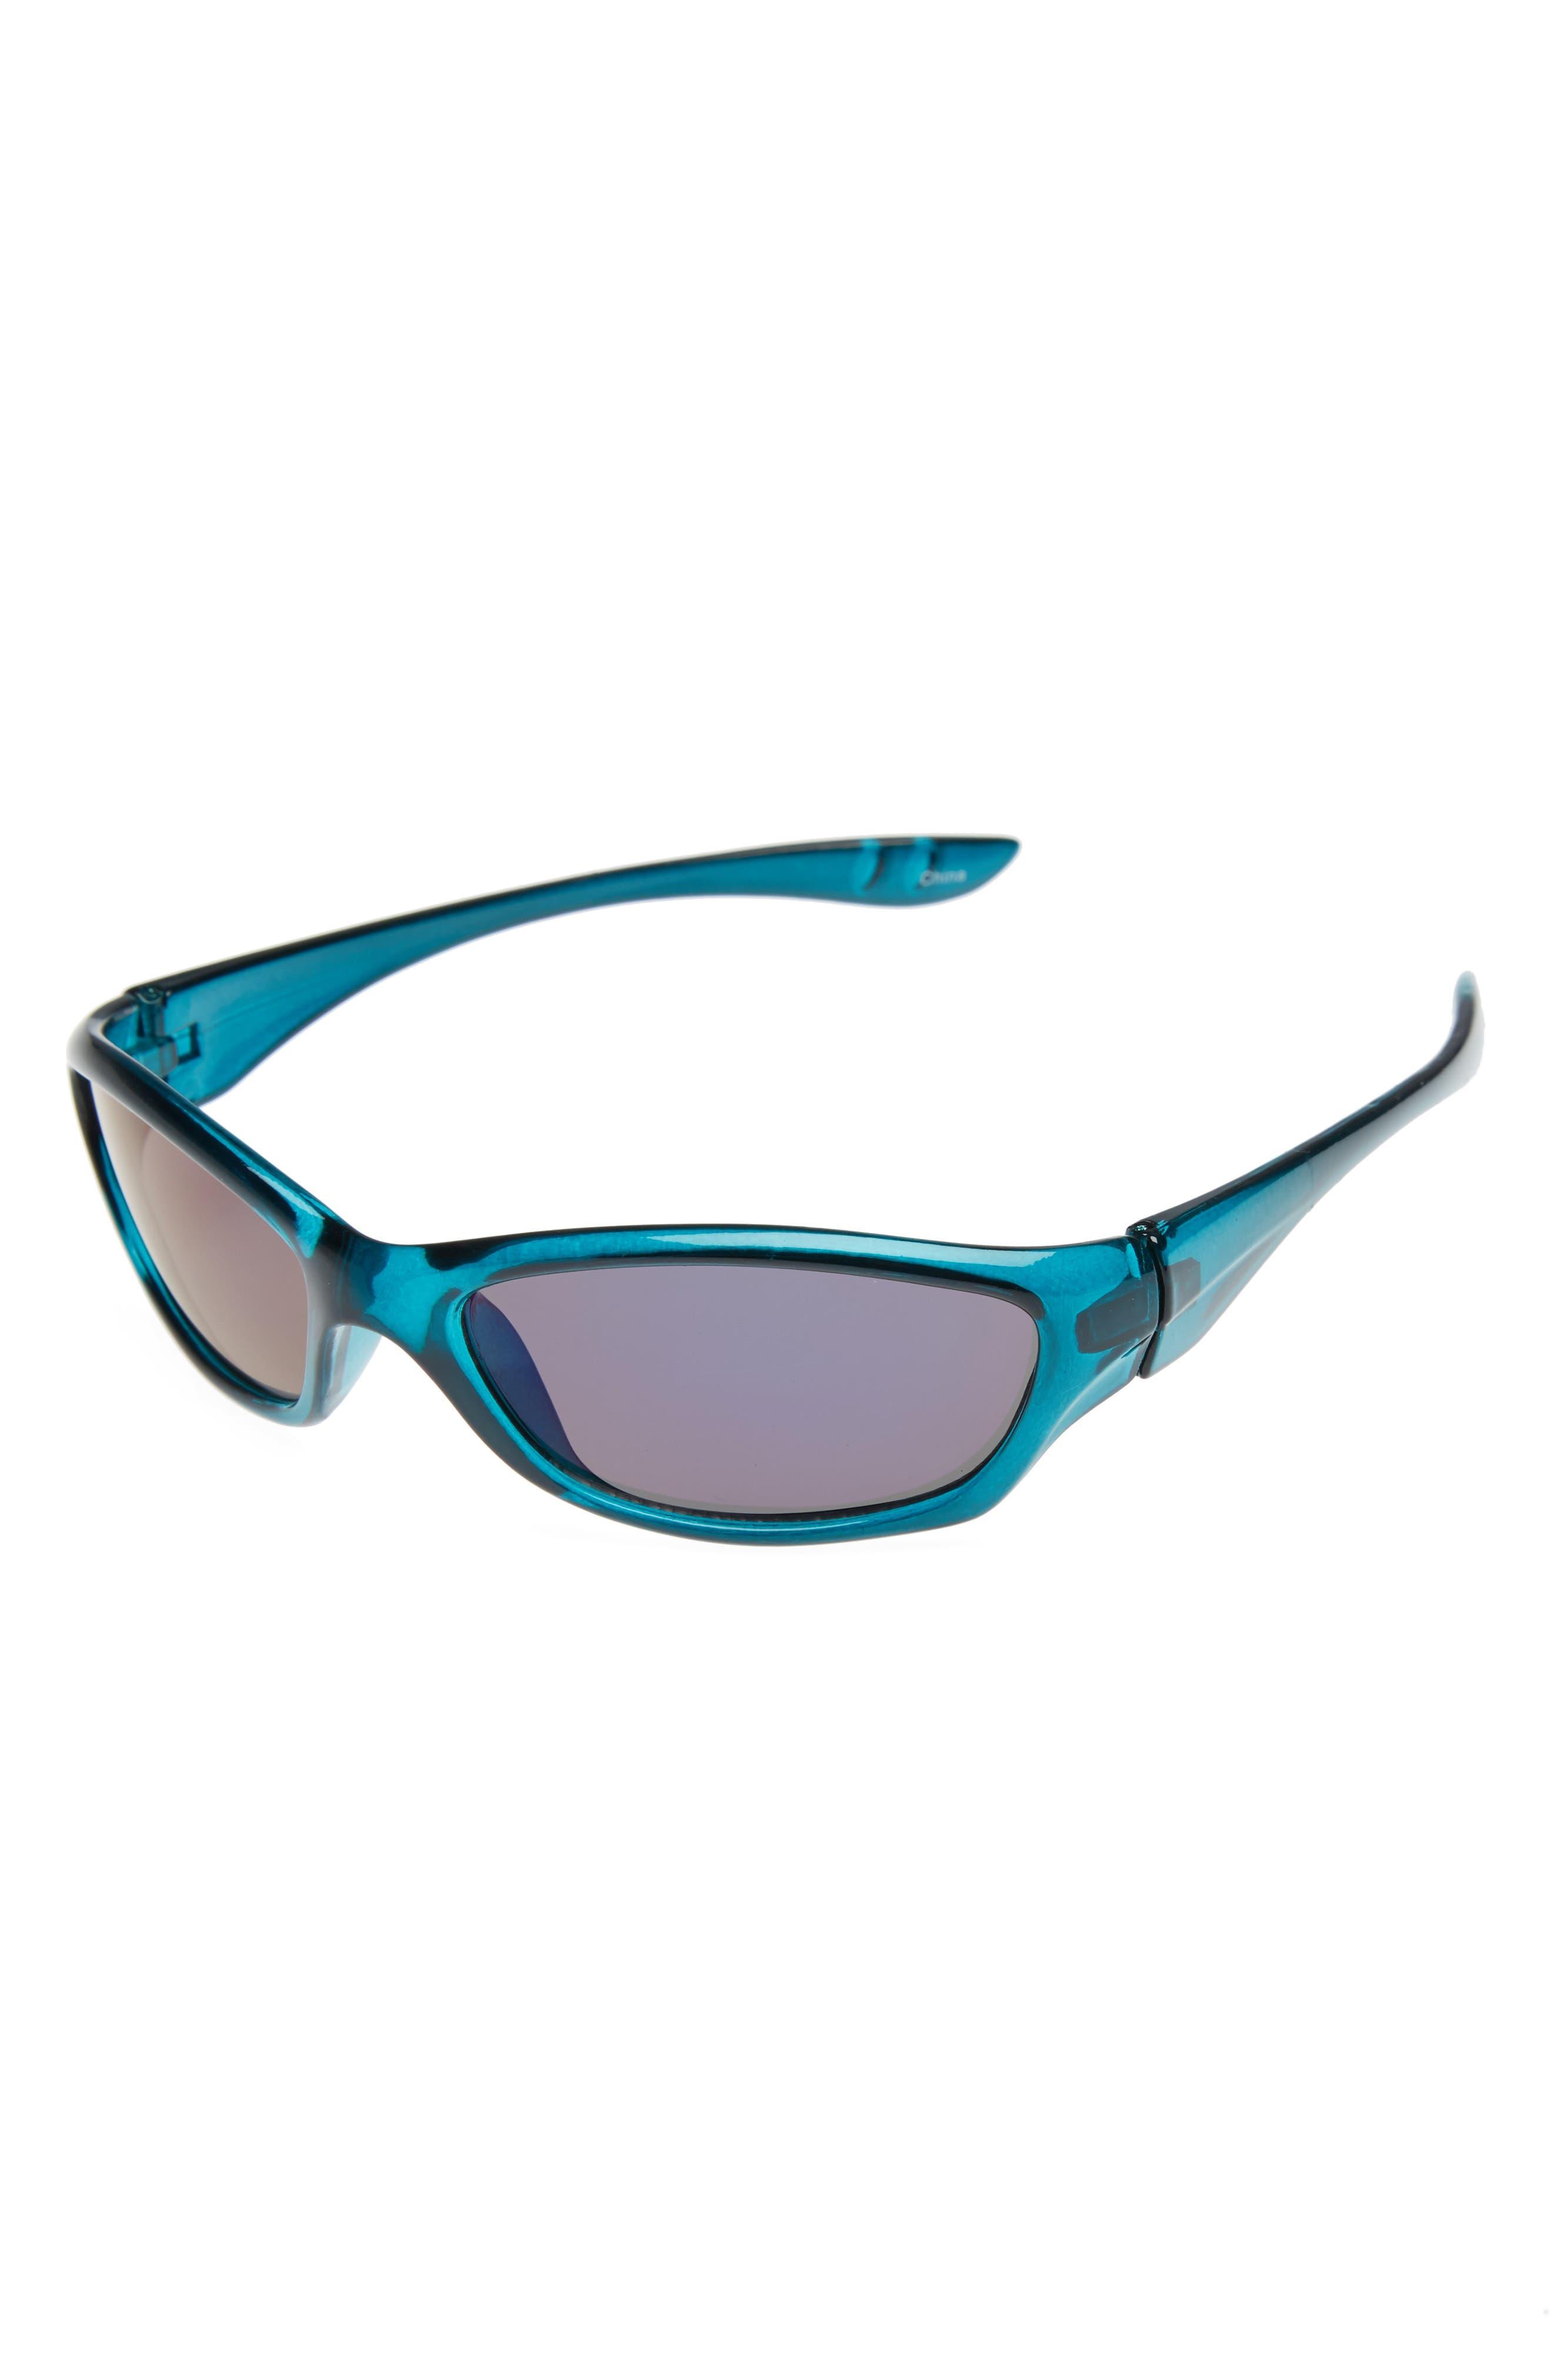 ICON EYEWEAR Wraparound Sunglasses